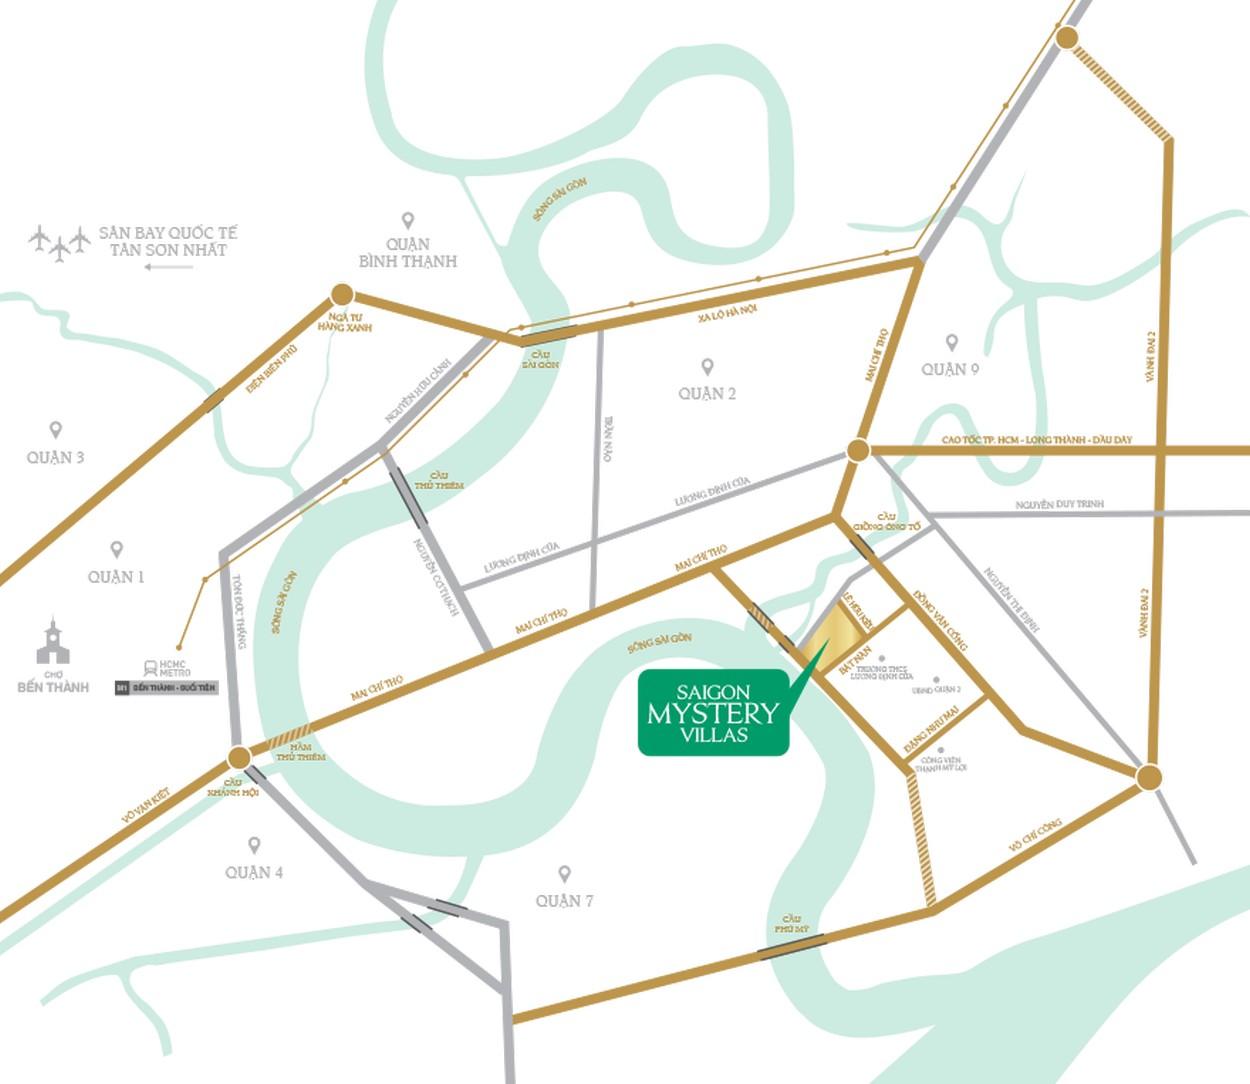 Vị trí tổng thể dự án Sài Gòn Mystery Villa